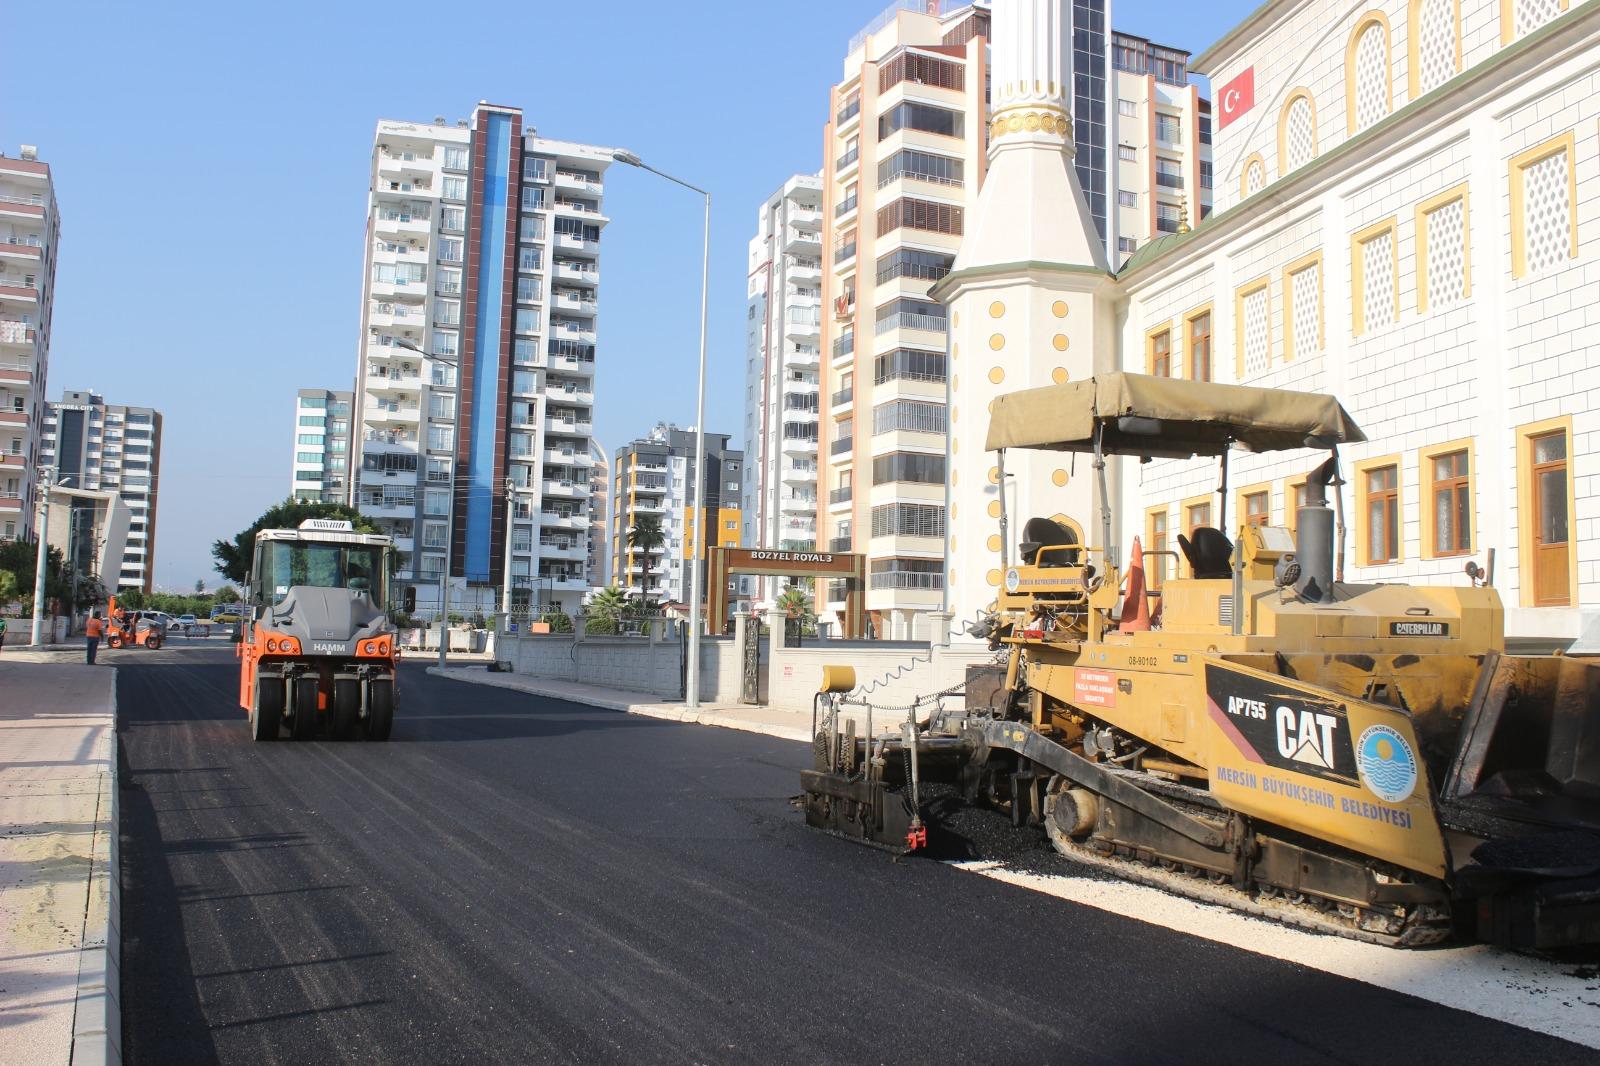 Büyükşehir, asfalt çalışmalarını yoğunlaştırdı